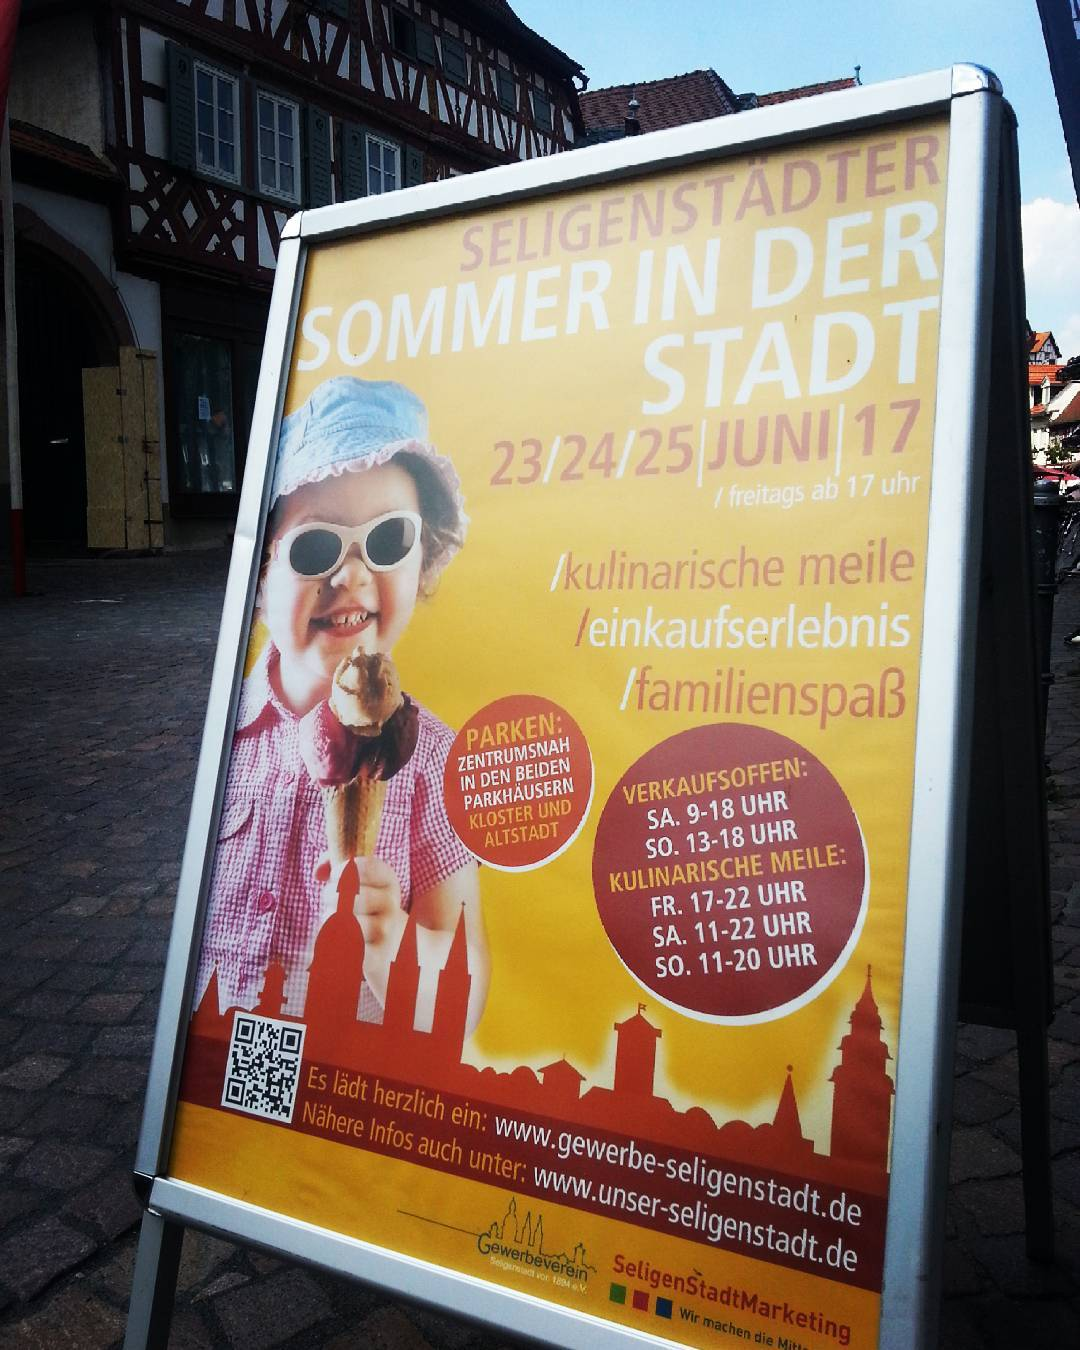 Am letzten Wochenende im Juni ist wieder der Sommer in der Stadt. Wir freuen uns auf Live-Musik, leckeres Essen, Ausstellungen und den verkaufsoffenen Sonntag in der Innenstadt Seligenstadts